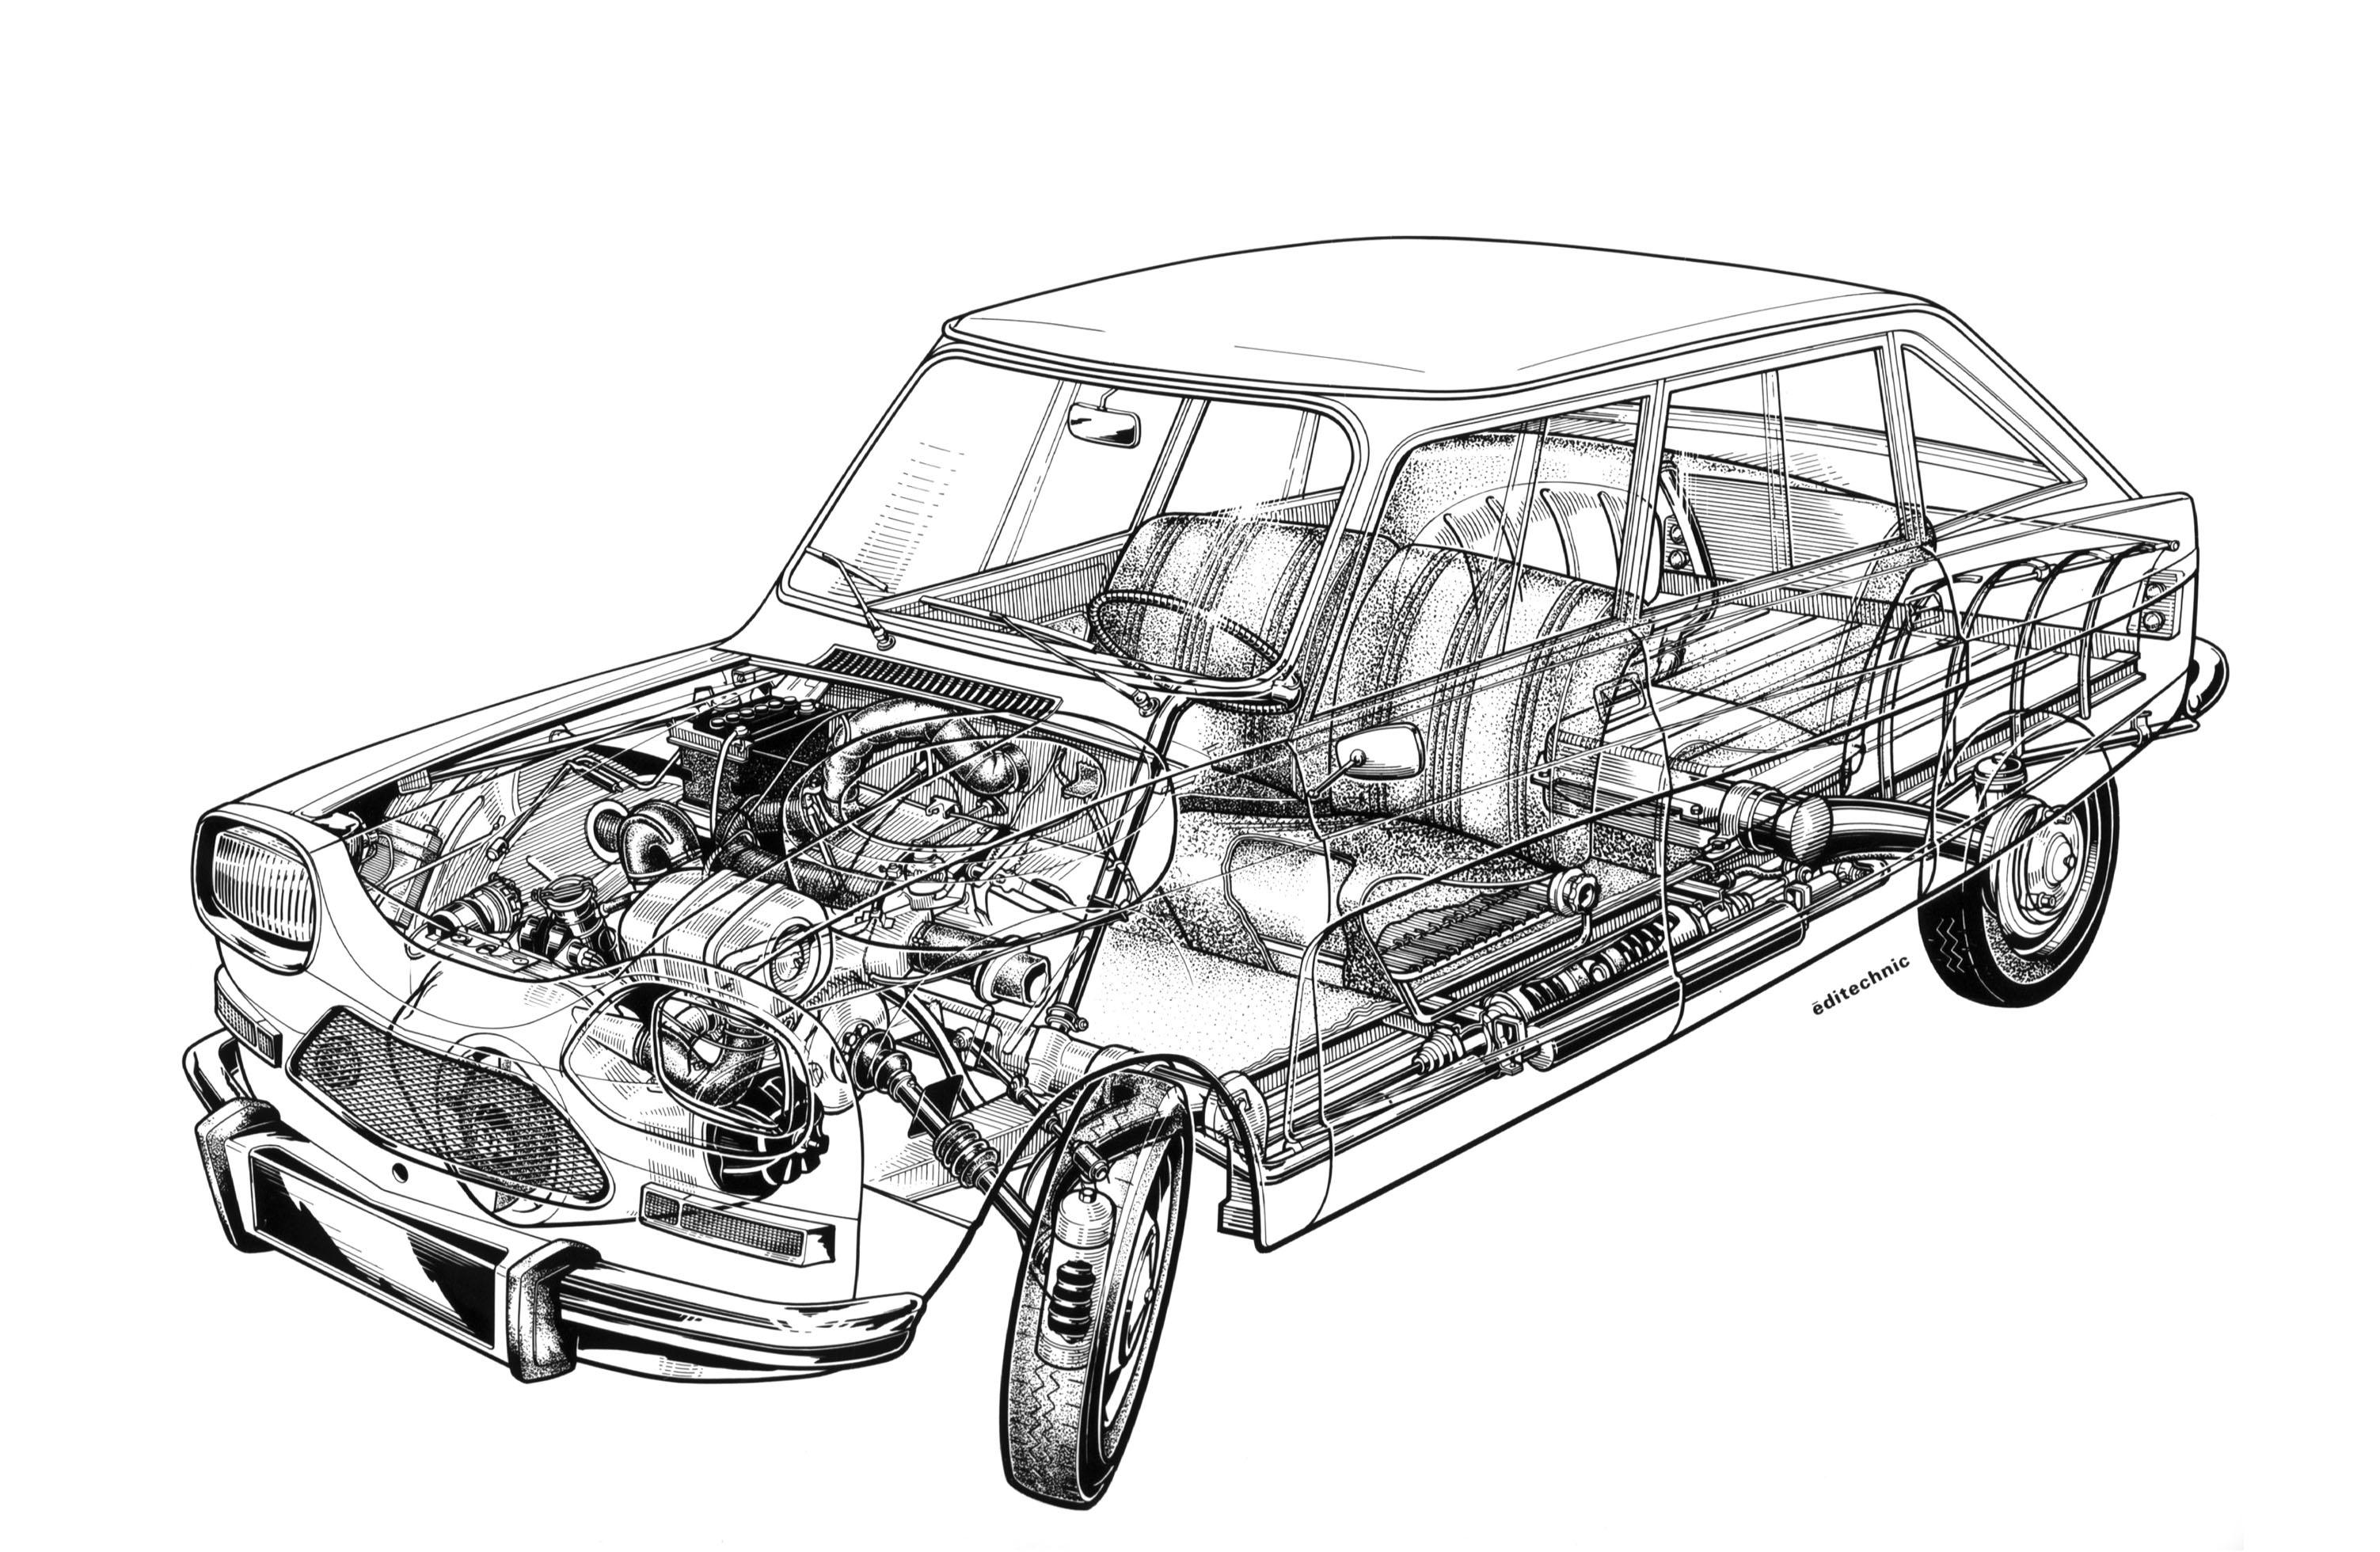 Savaitės Citroën'as: Ami 6, Ami 8, Ami Super, M35 [1961